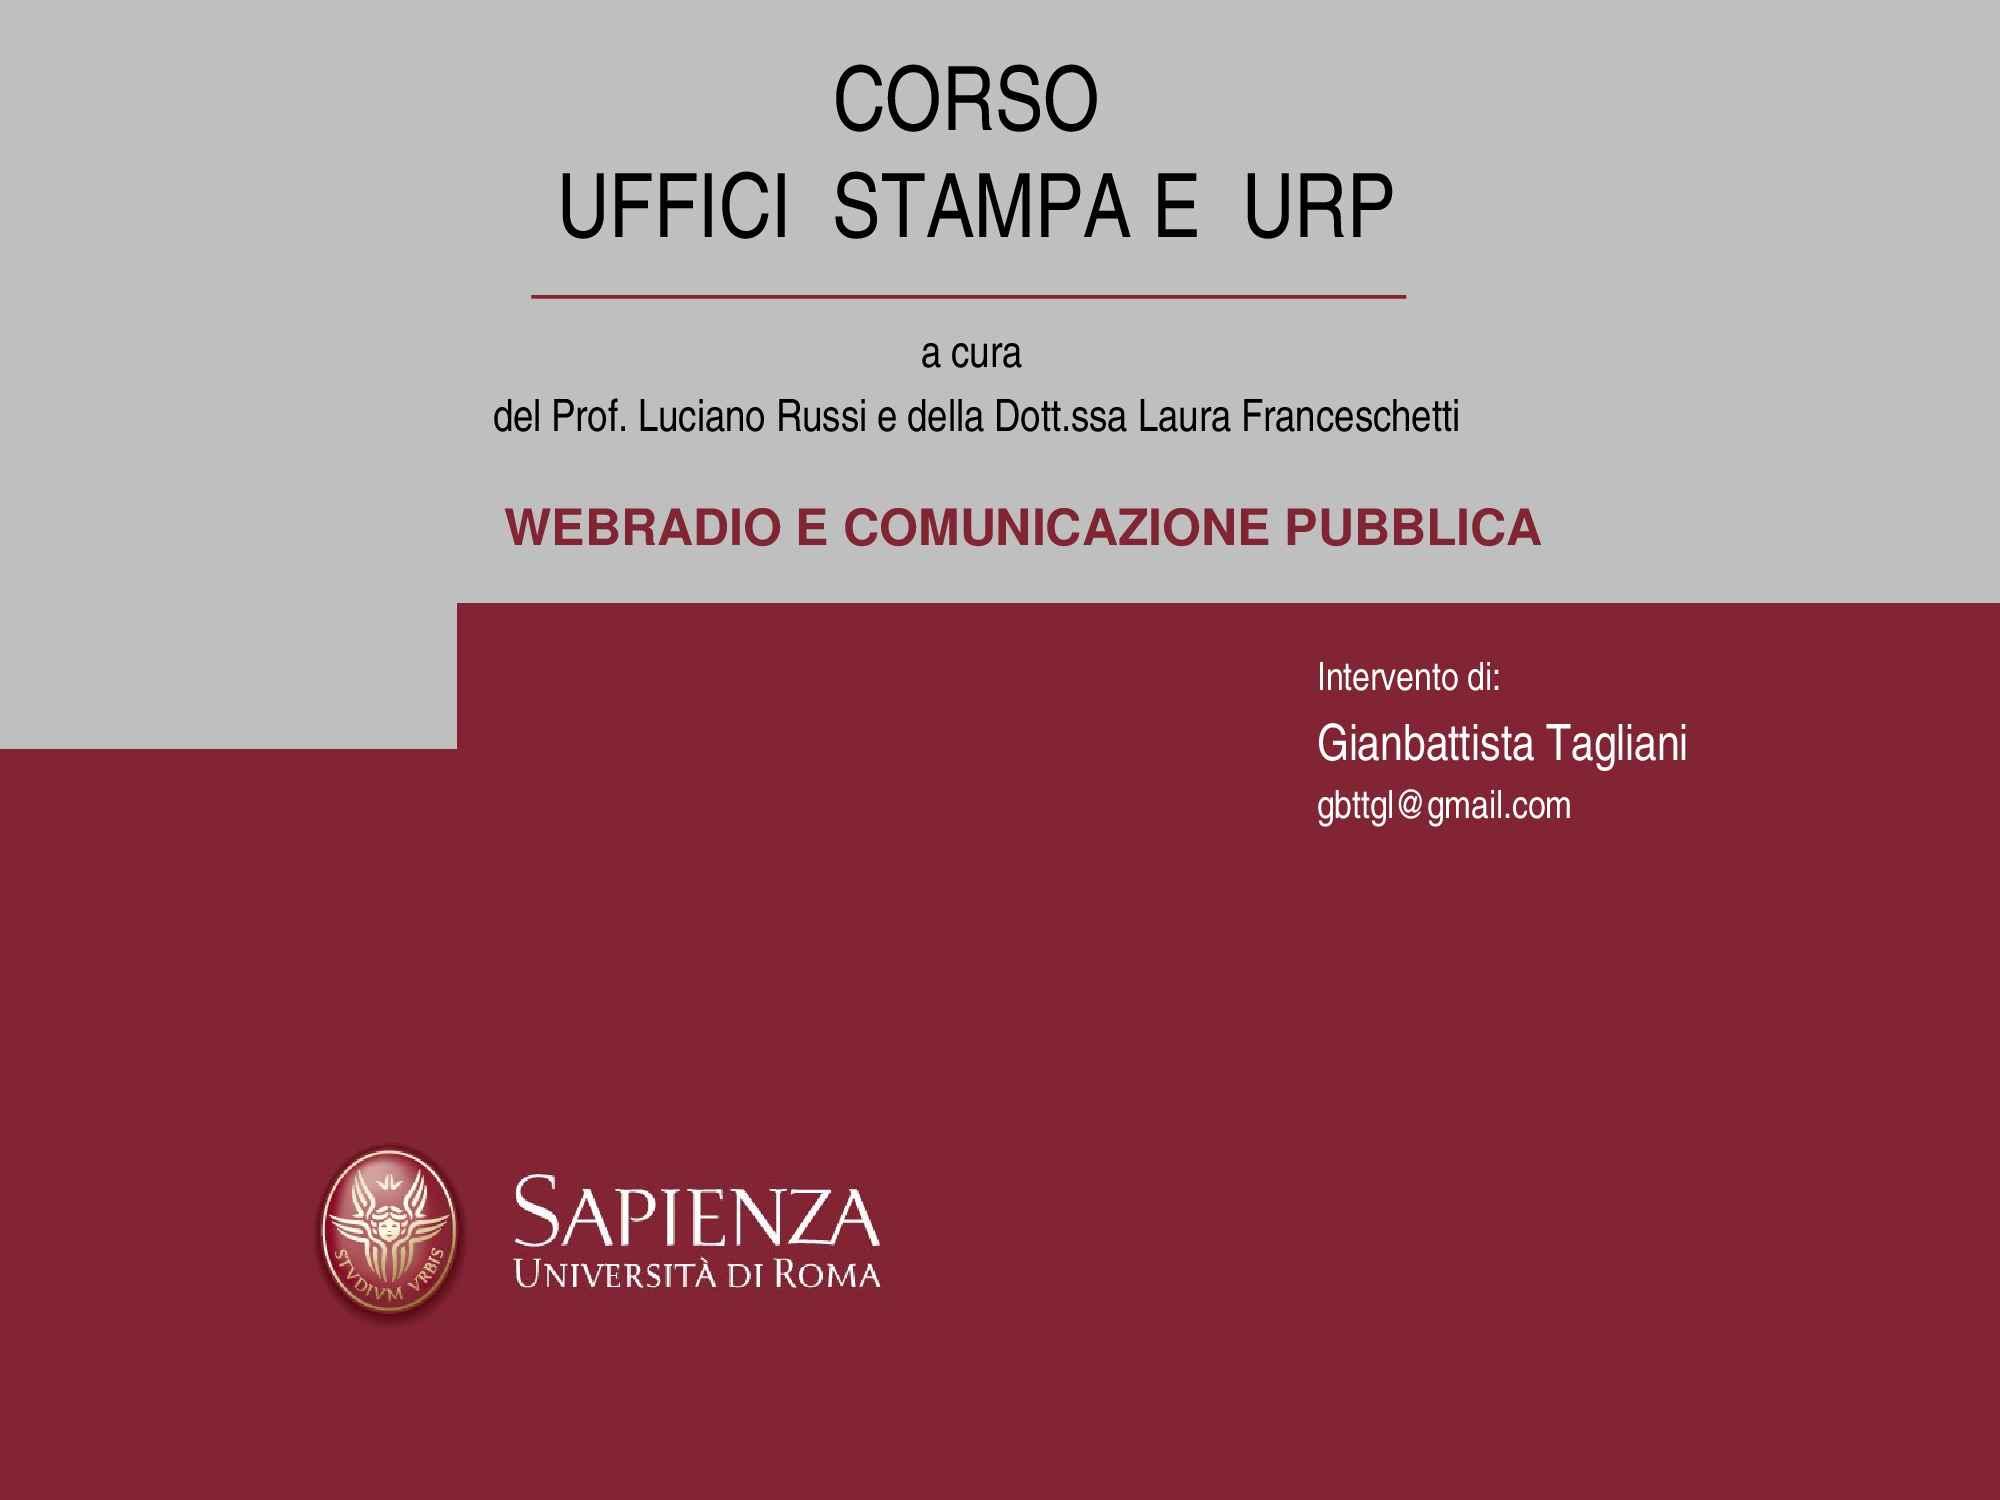 Comunicazione pubblica - Web radio